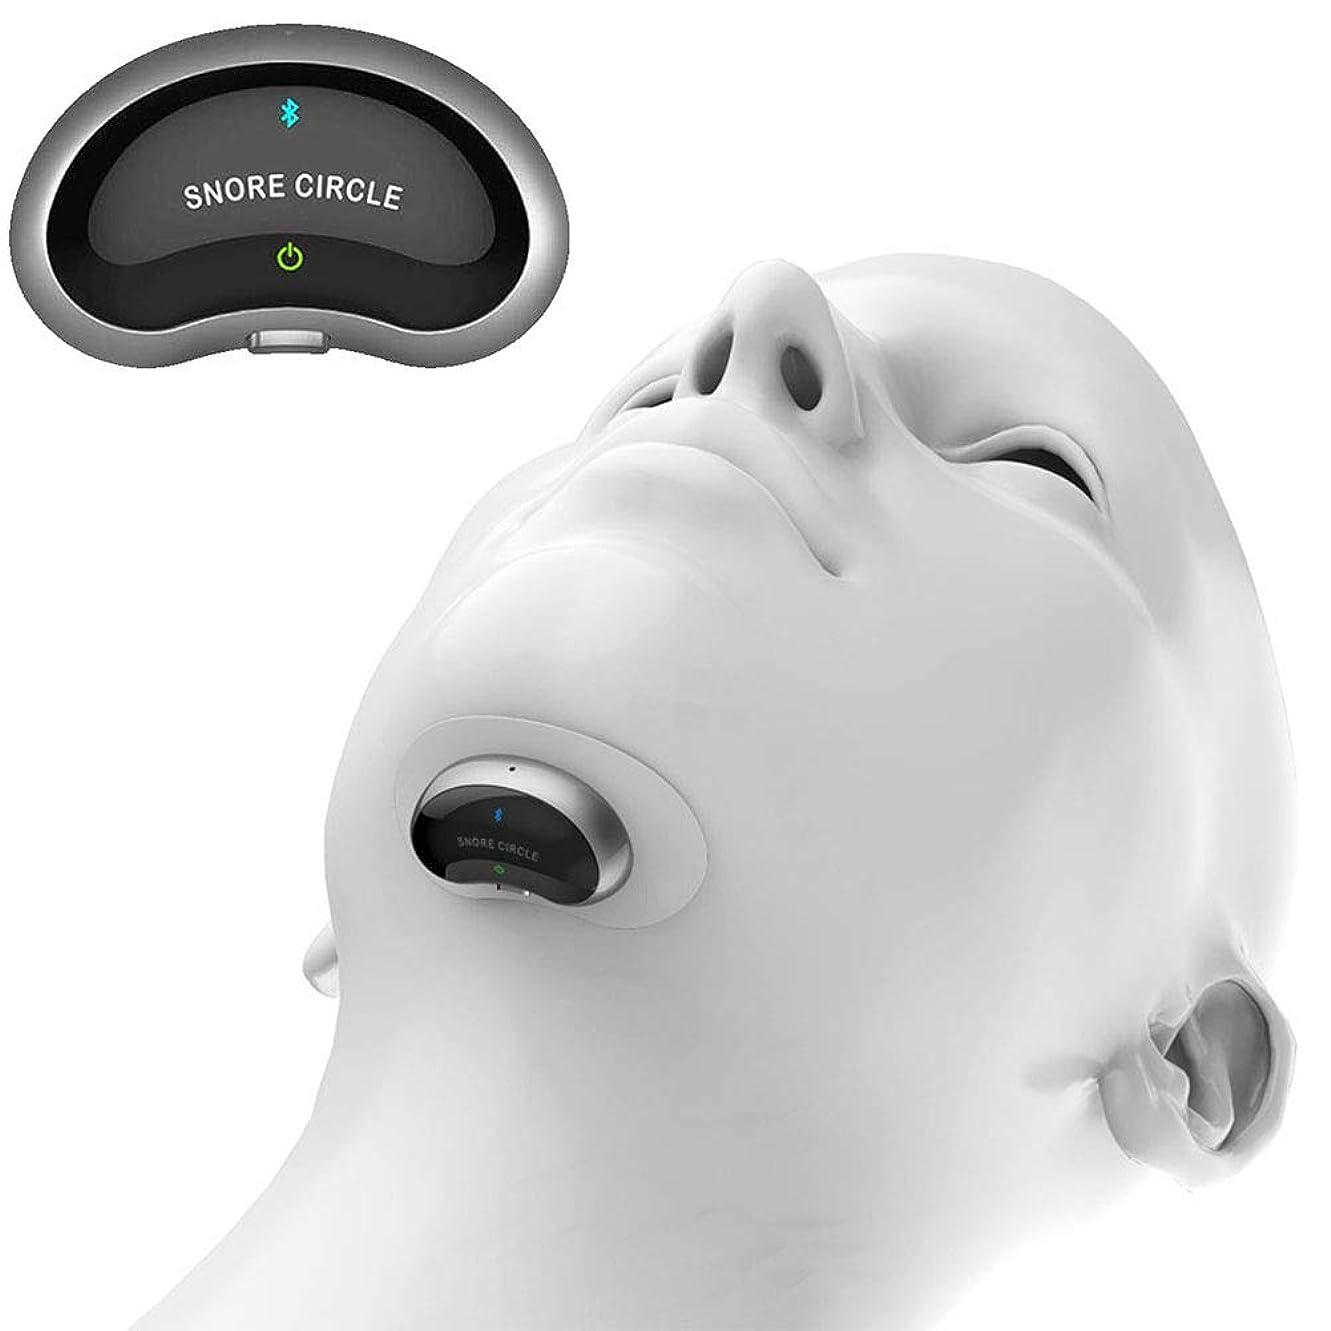 奨励します協会思い出いびき防止EMS式 スマートで軽量のいびき防止いびき防止装置、鼻づまり防止効果、睡眠ステッカー 30個の電極が付属